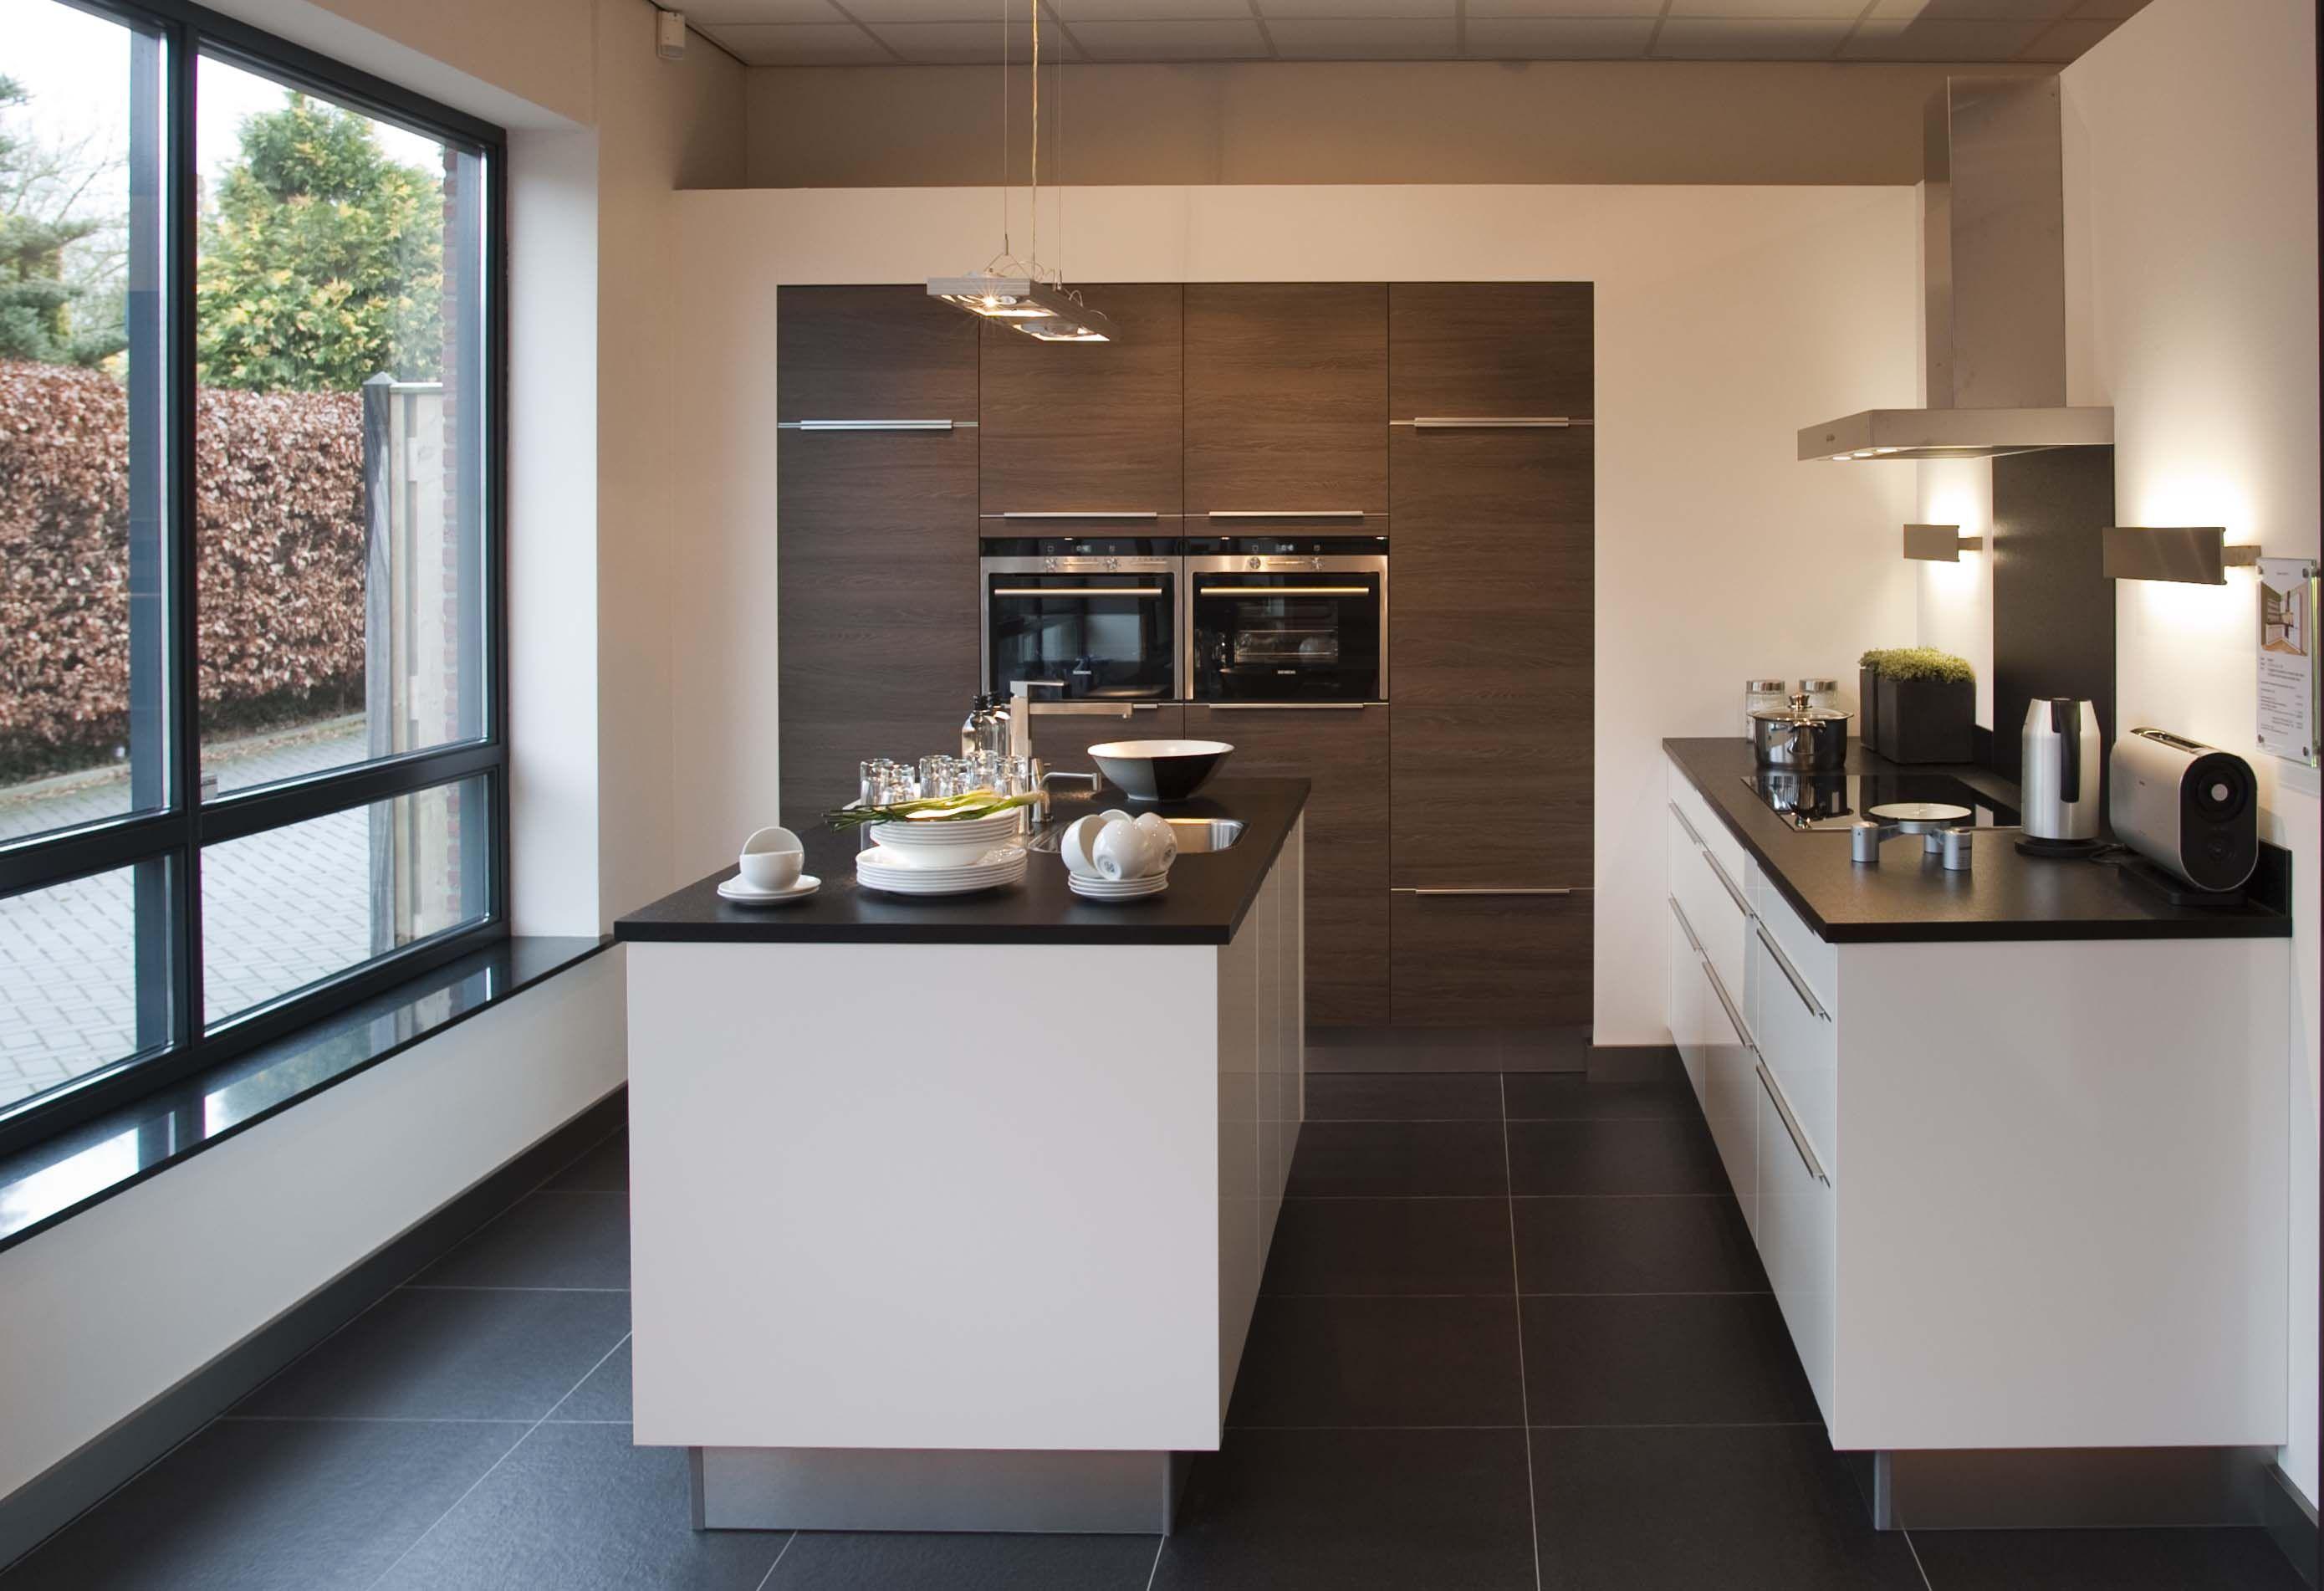 Keuken Plint Rvs : De voordeligste woonwinkel van Nederland! Selectiv keuken [33385